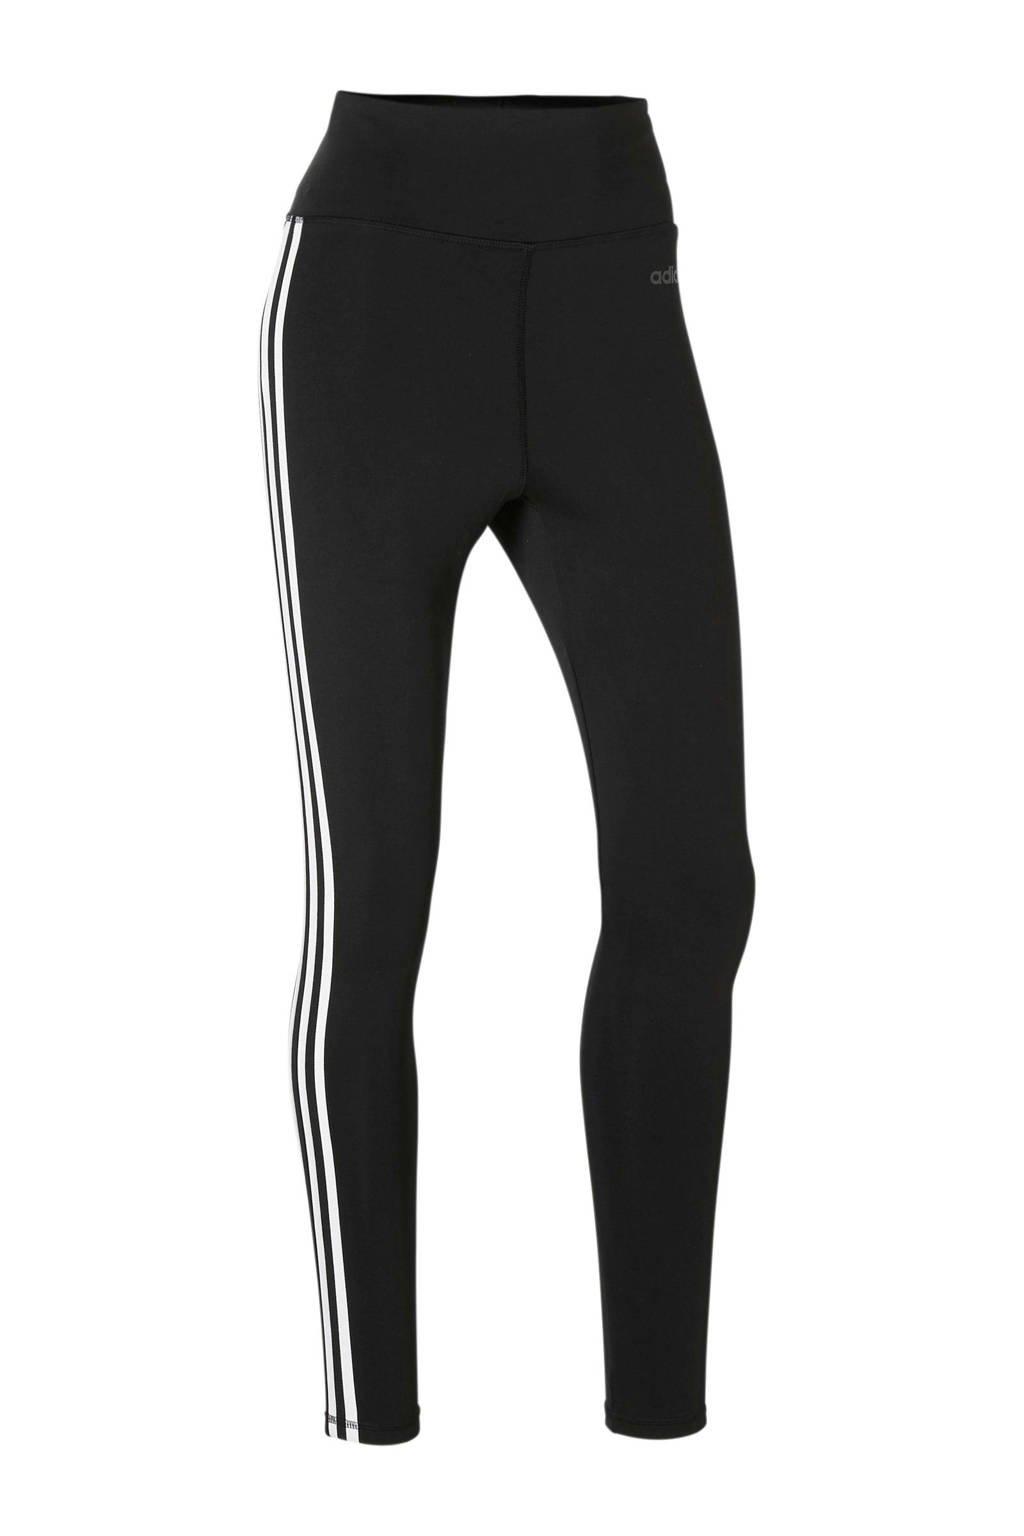 adidas Performance Designed2Move sportbroek zwart/wit, Zwart/wit